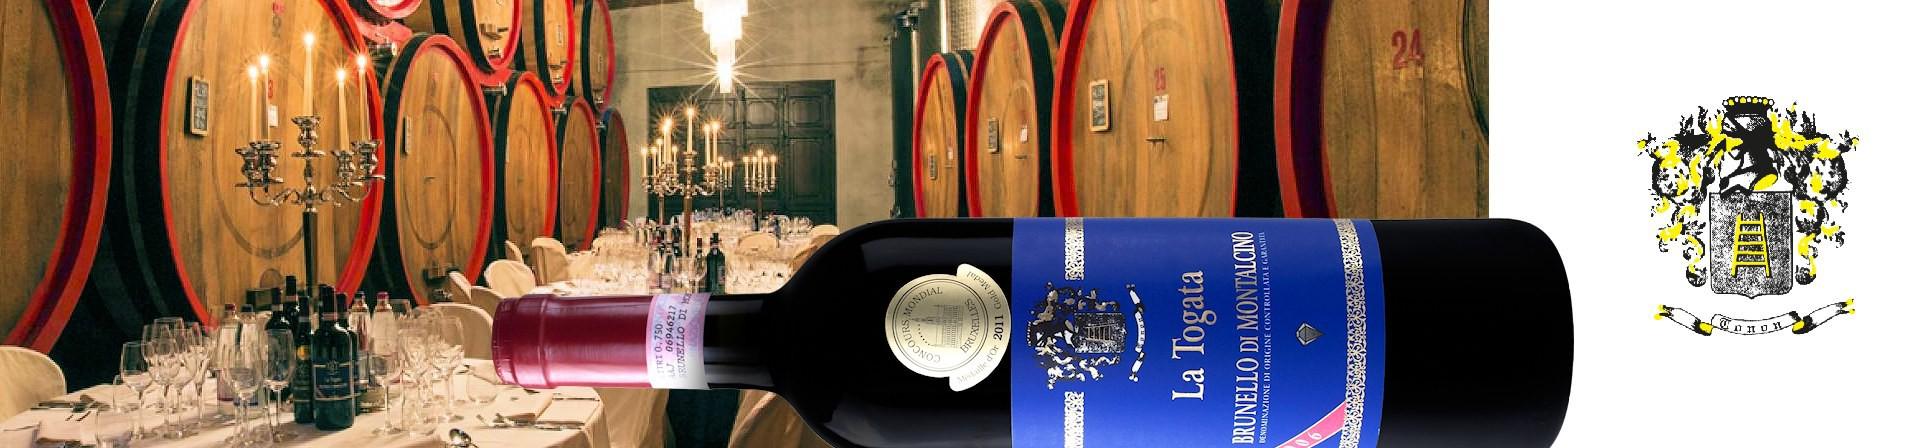 B2B GUSTOX - il Marketplace all'ingrosso delle eccellenze agroalimentari italiane - Brunello di Montalcino - LA TOGATA